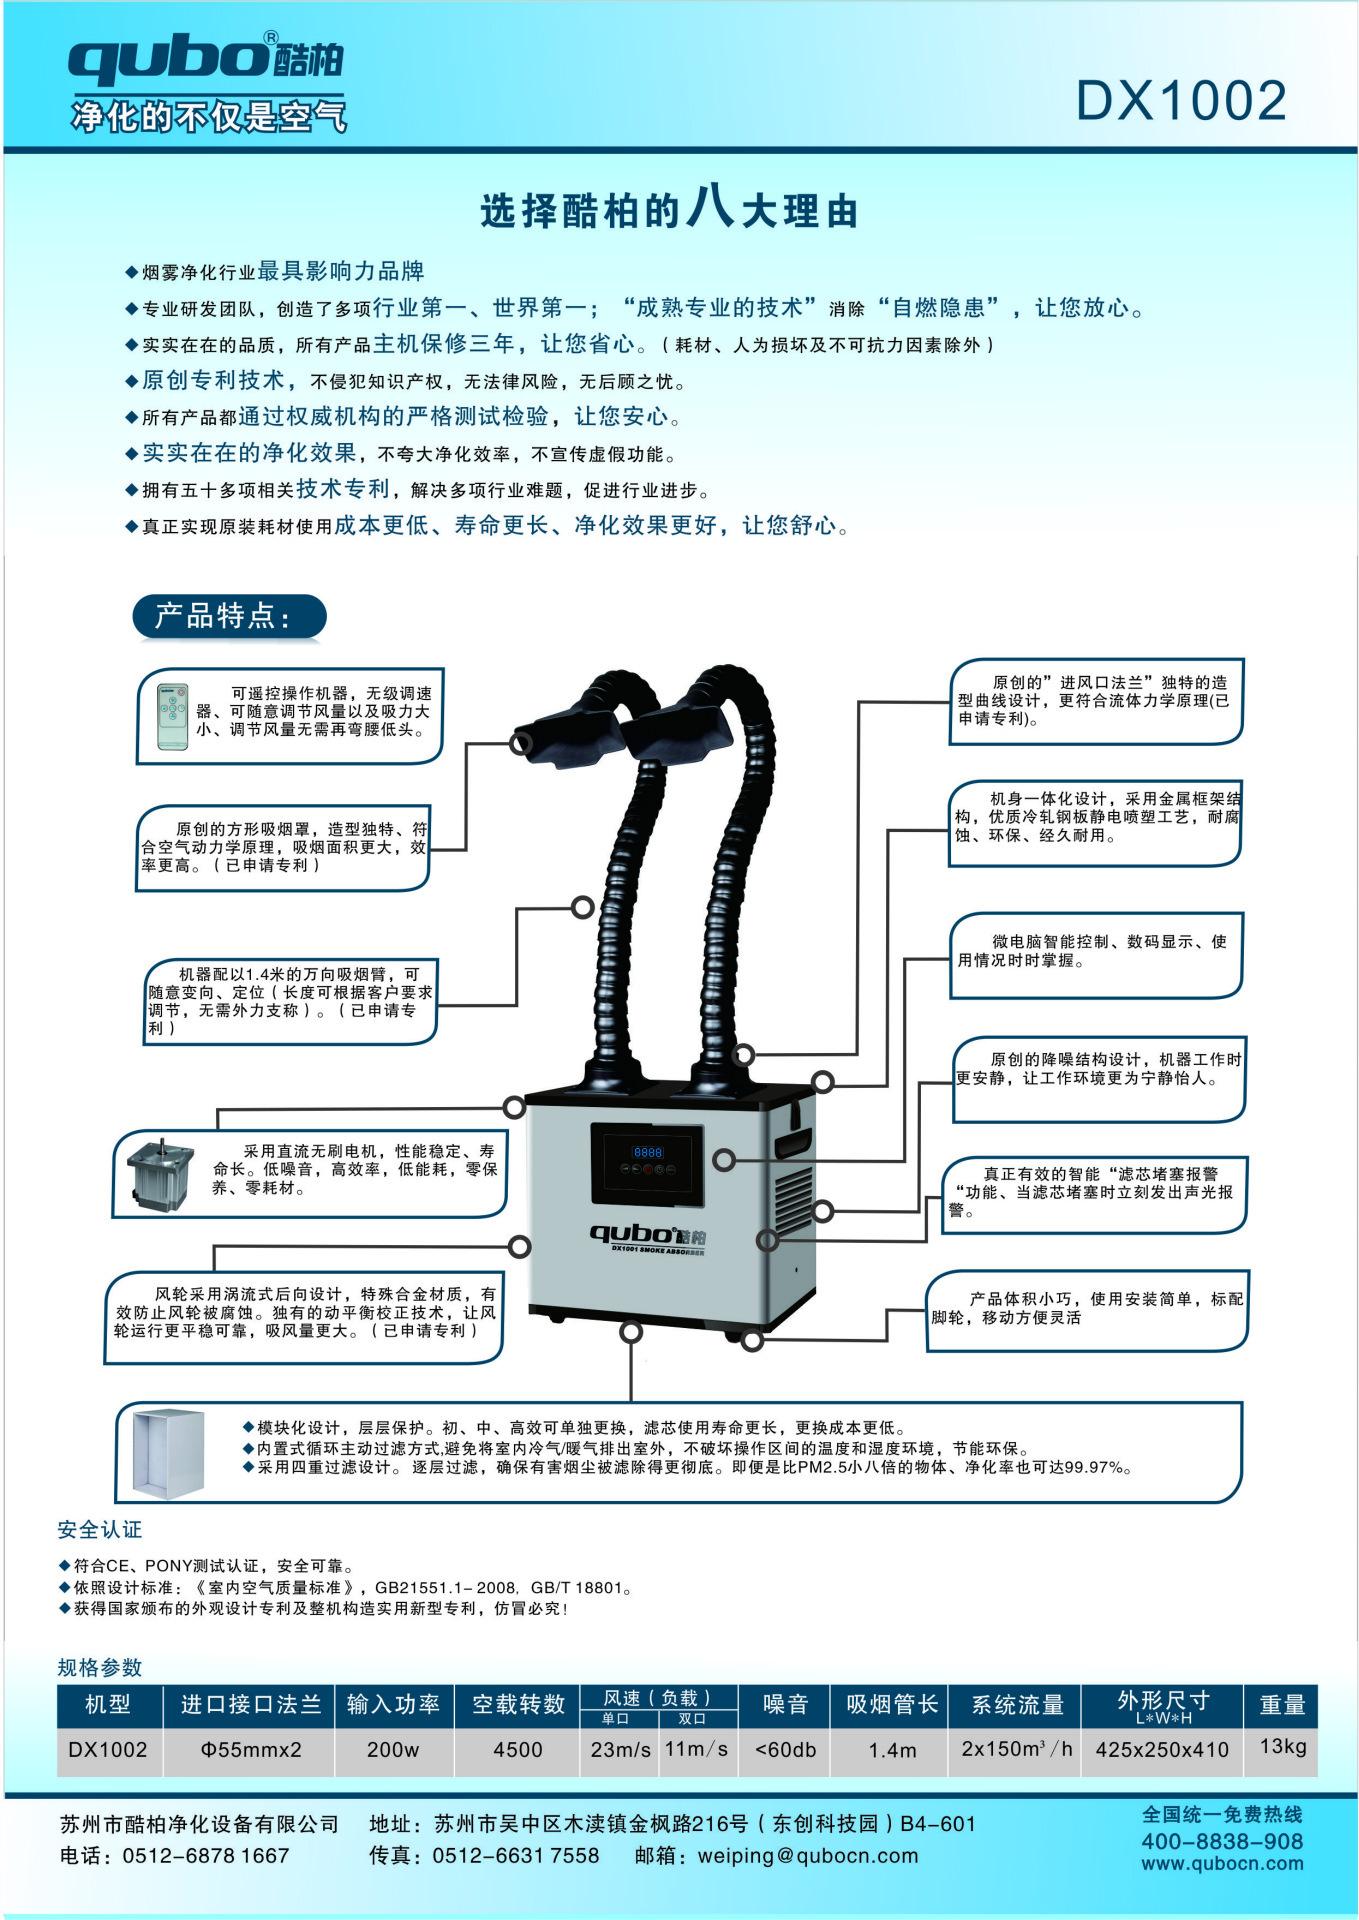 新款DX1002分解